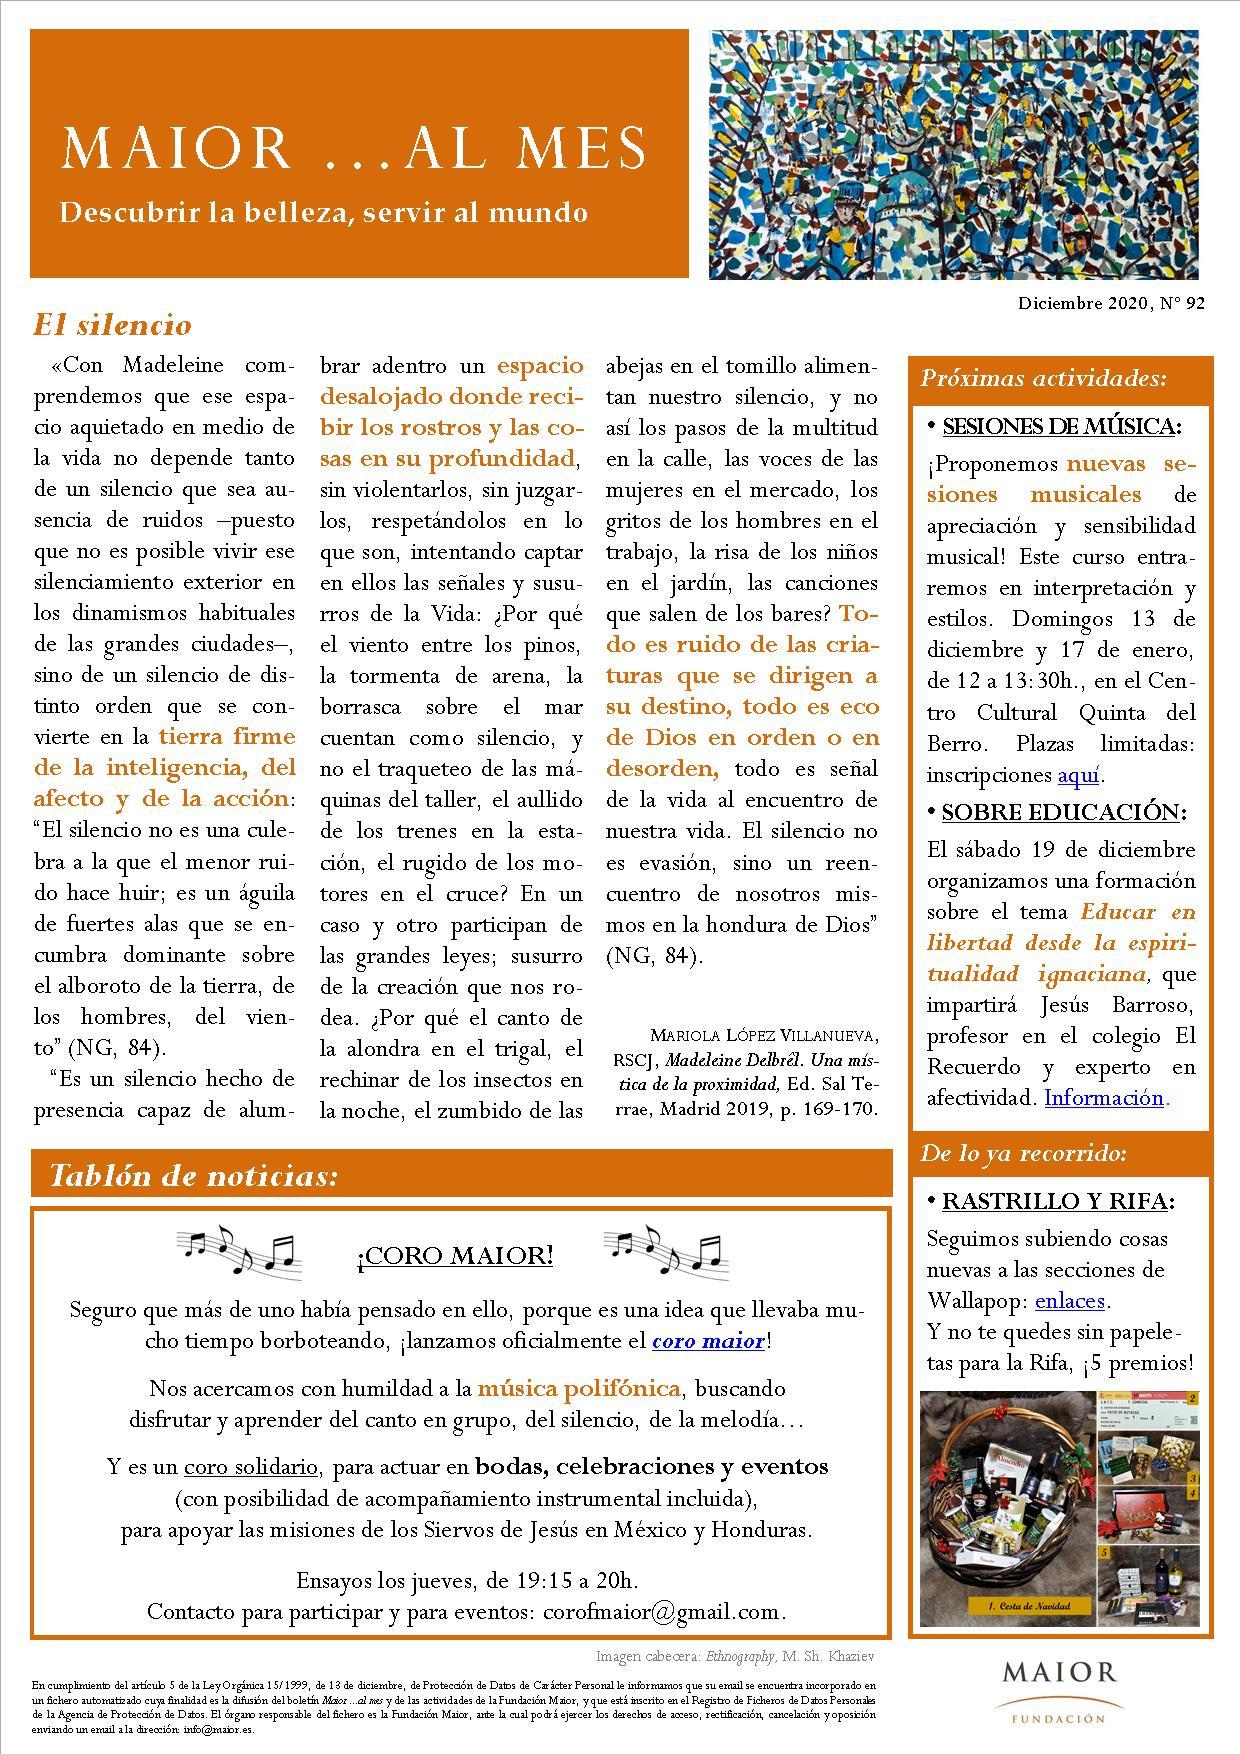 Boletín mensual de noticias y actividades de la Fundación Maior. Edición de diciembre 2020